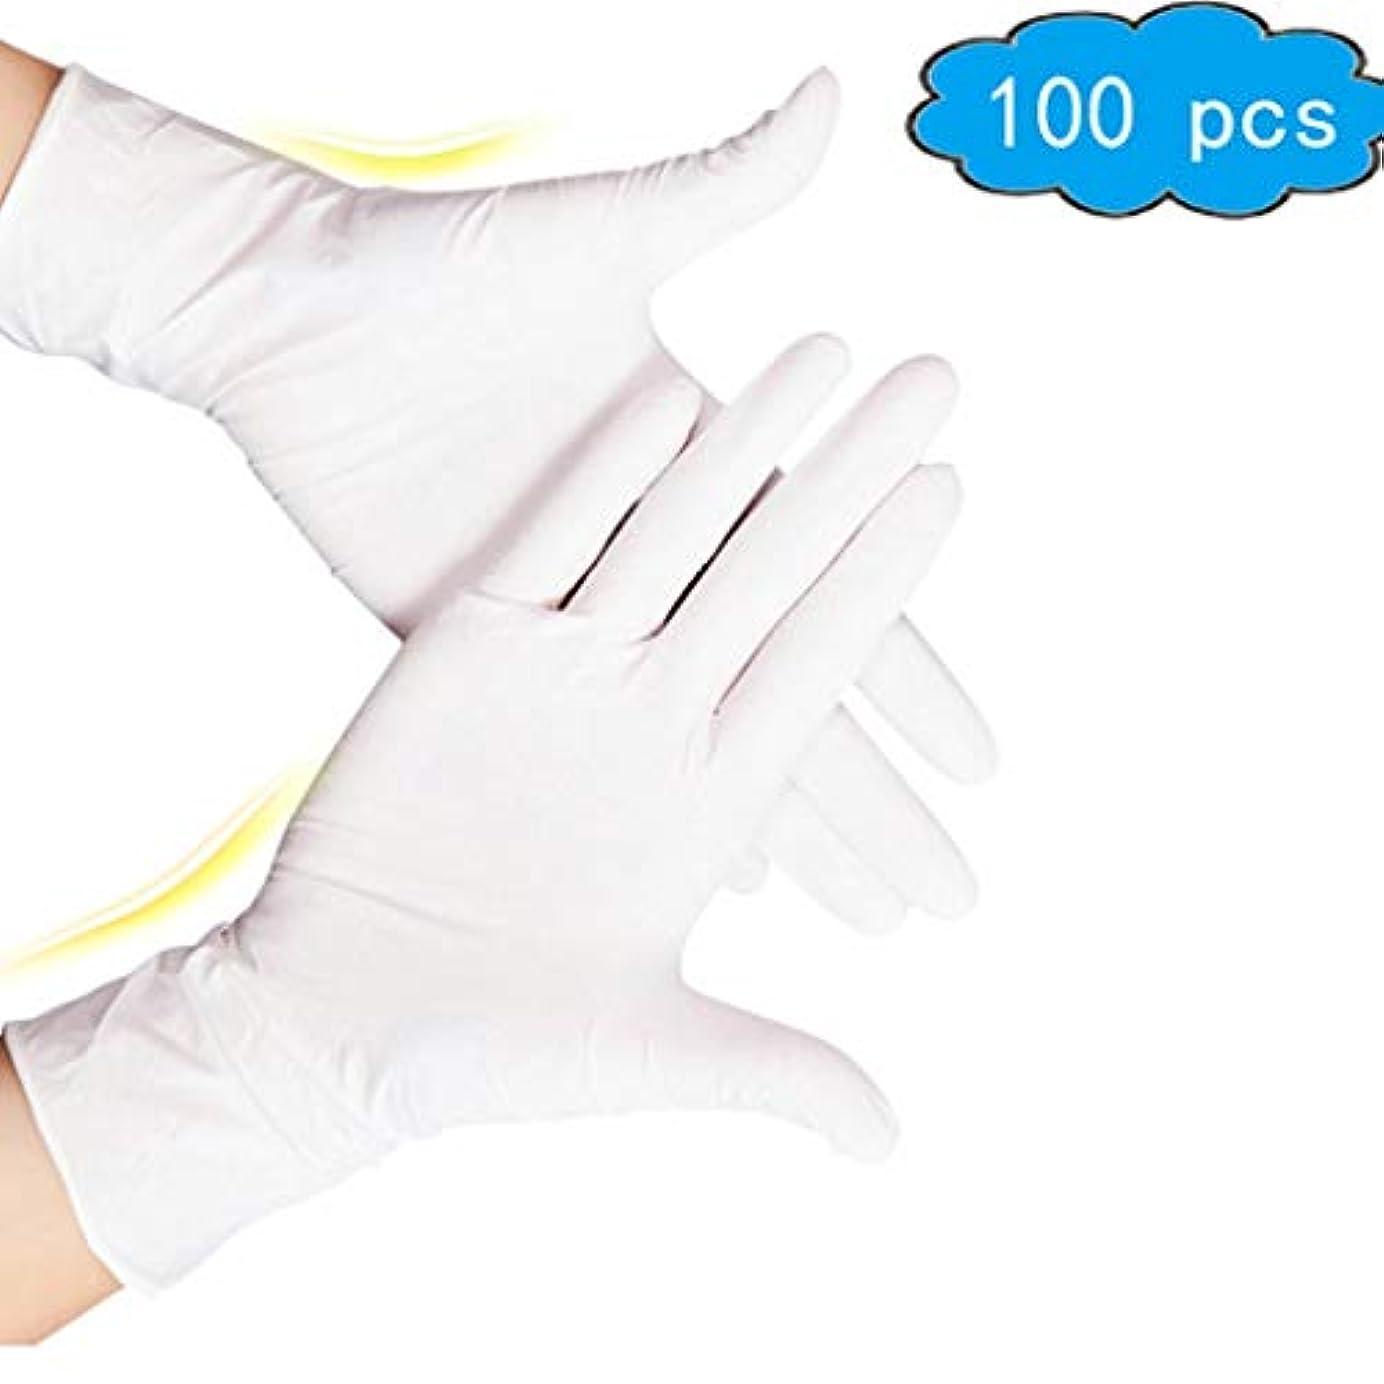 不定のスコア阻害するホワイトニトリル使い捨て手袋 - 質感、検査、パウダーフリー、極厚5ミル、極太12